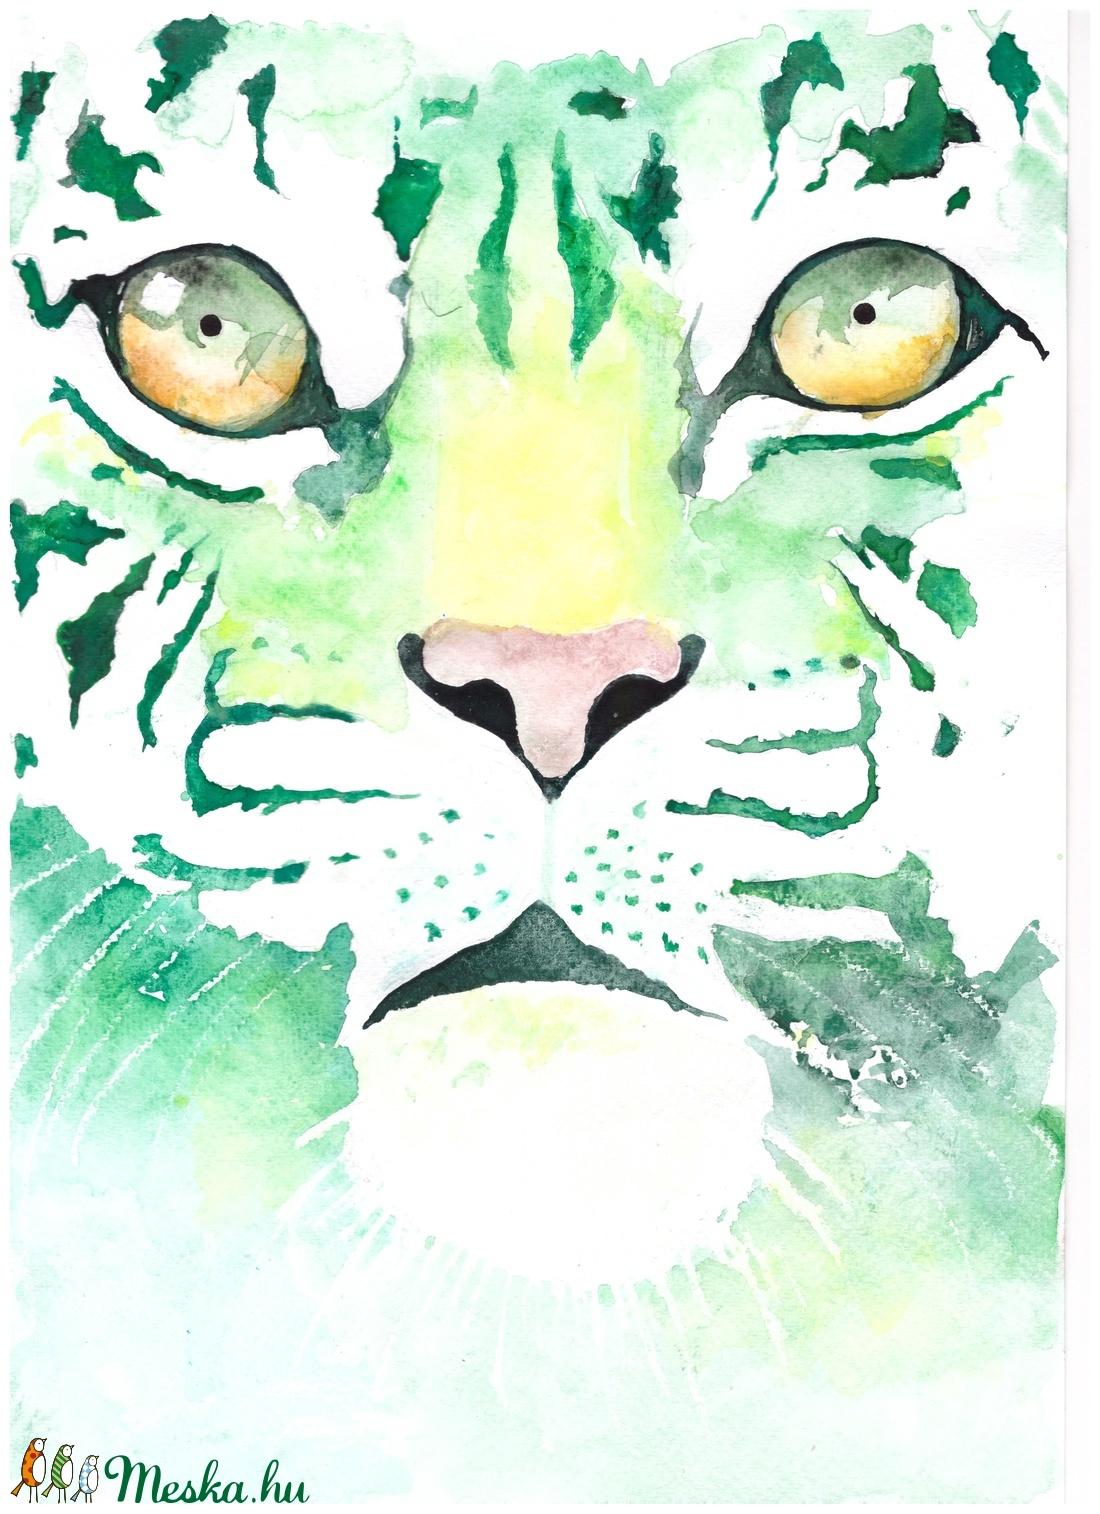 Zöld tigris (Angyalpottyantas) - Meska.hu